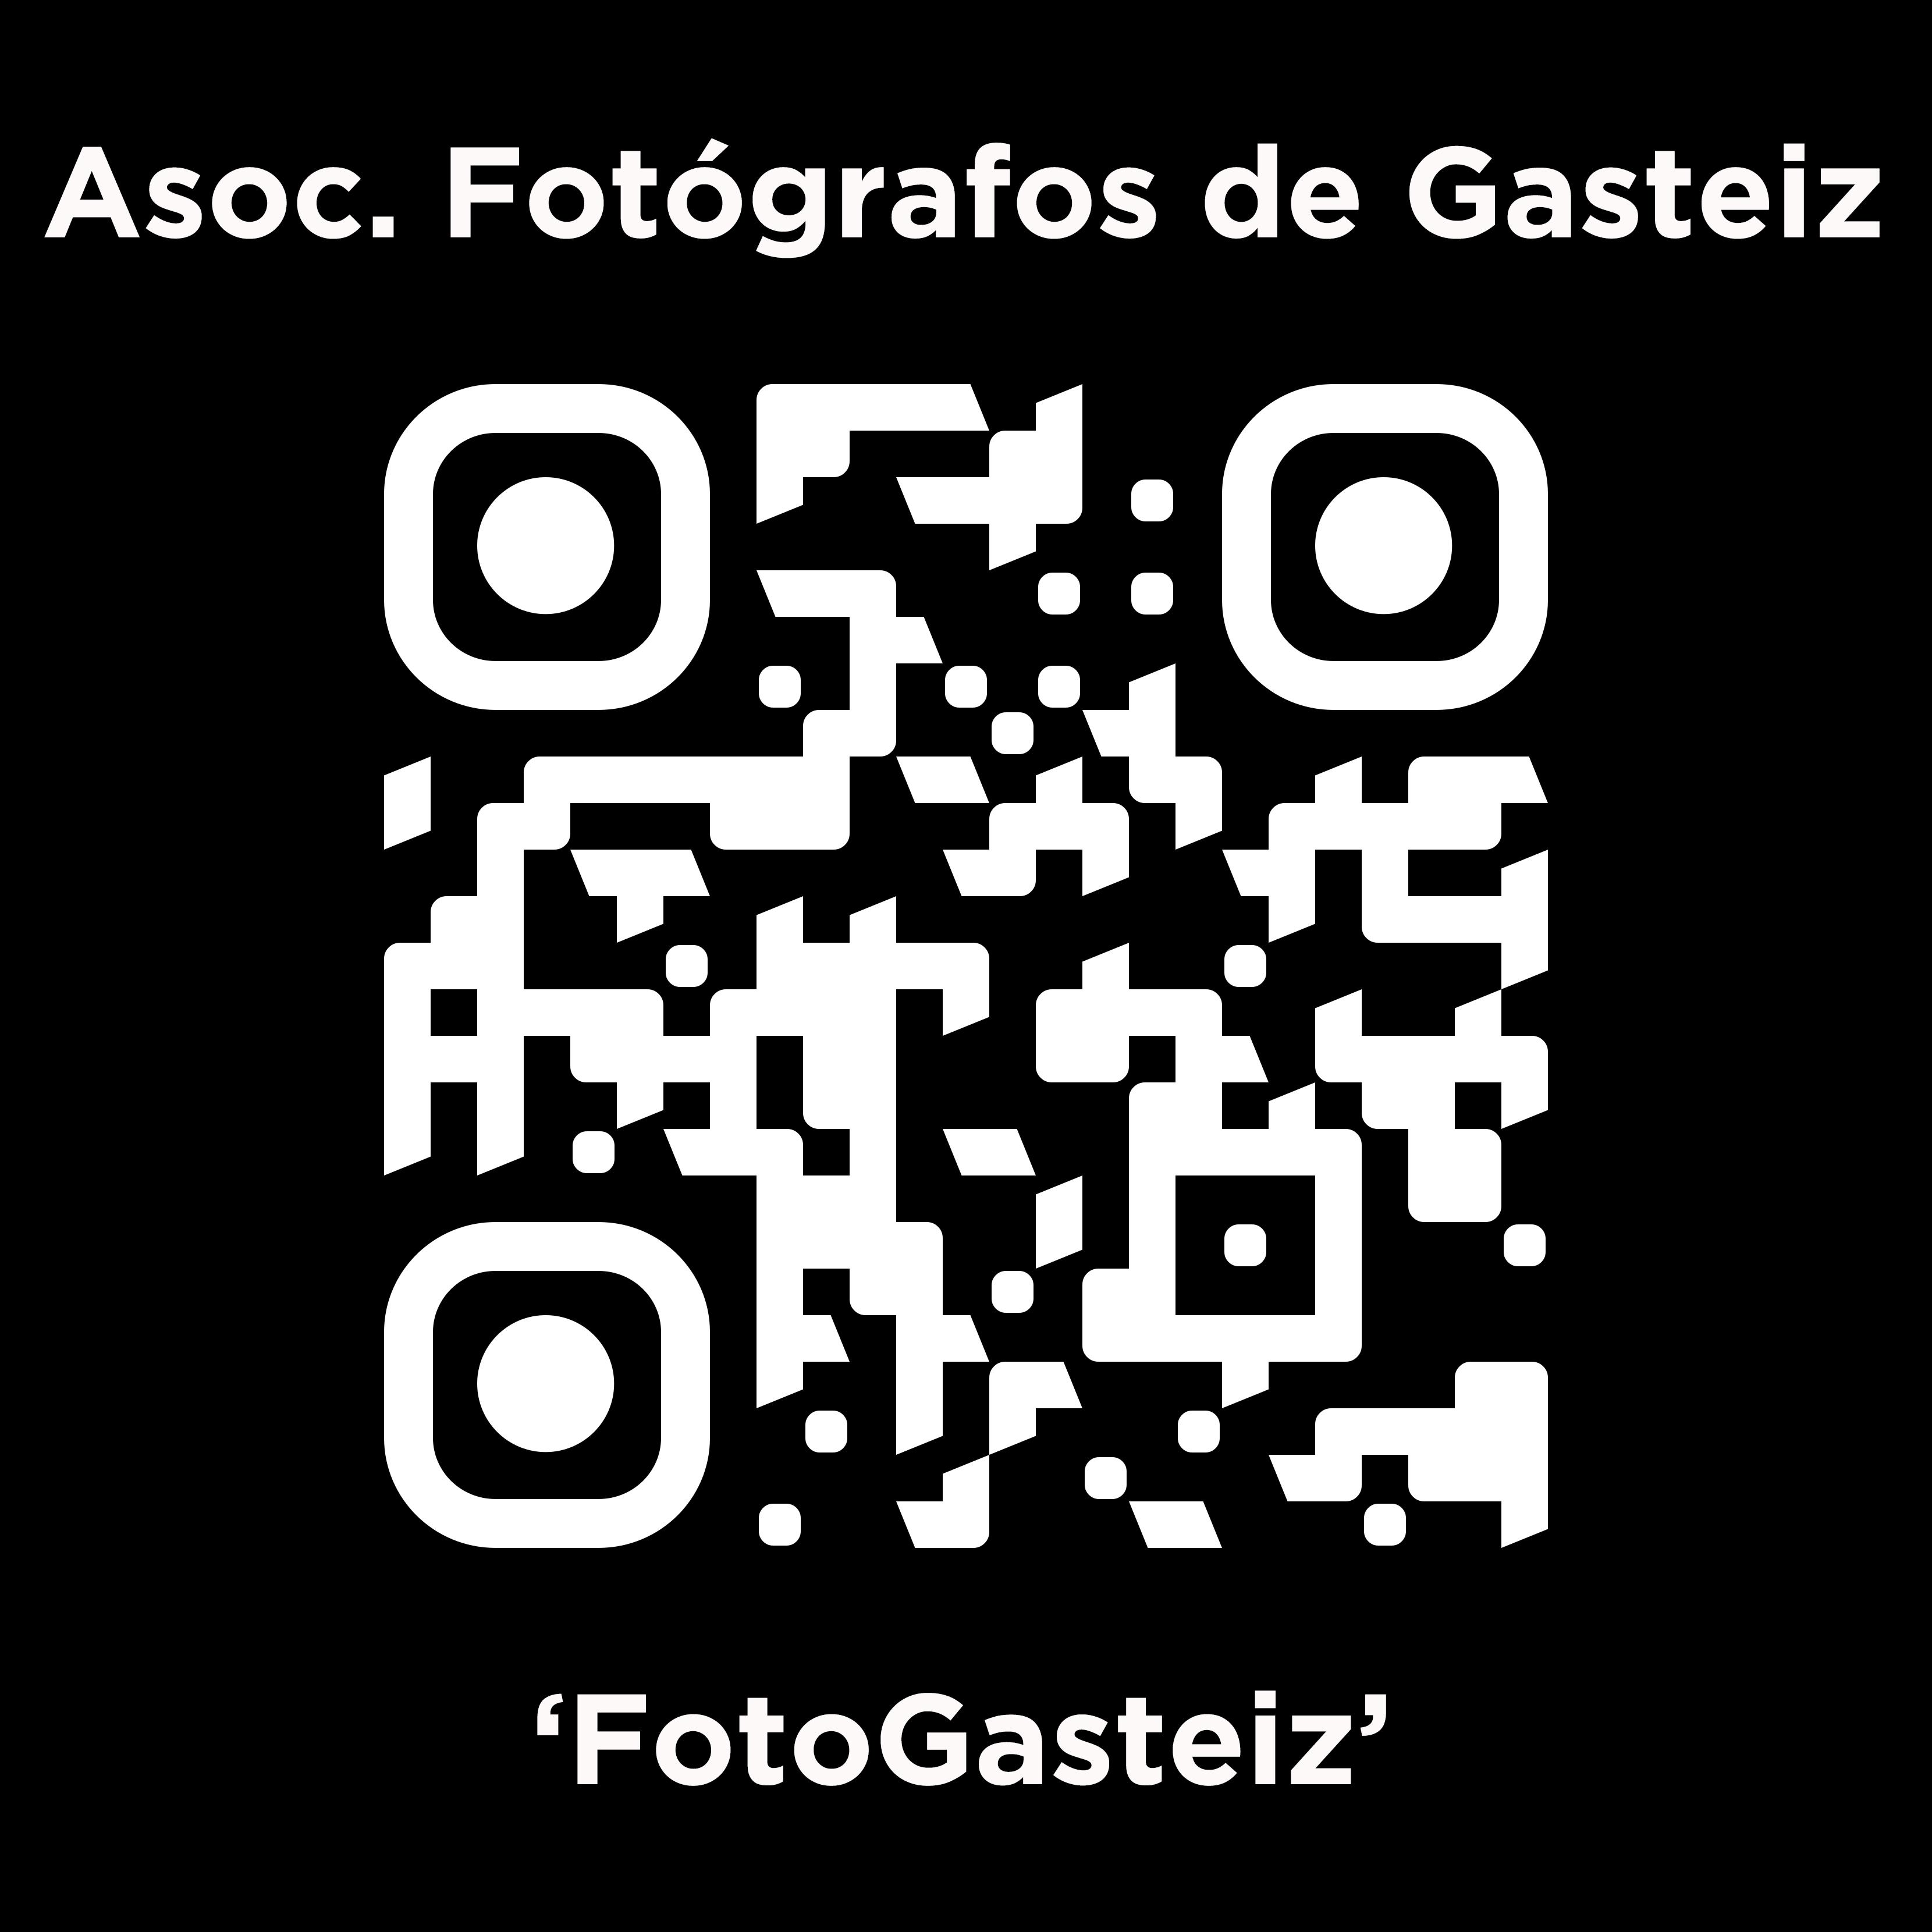 Asociación de Fotógrafos de Gasteiz